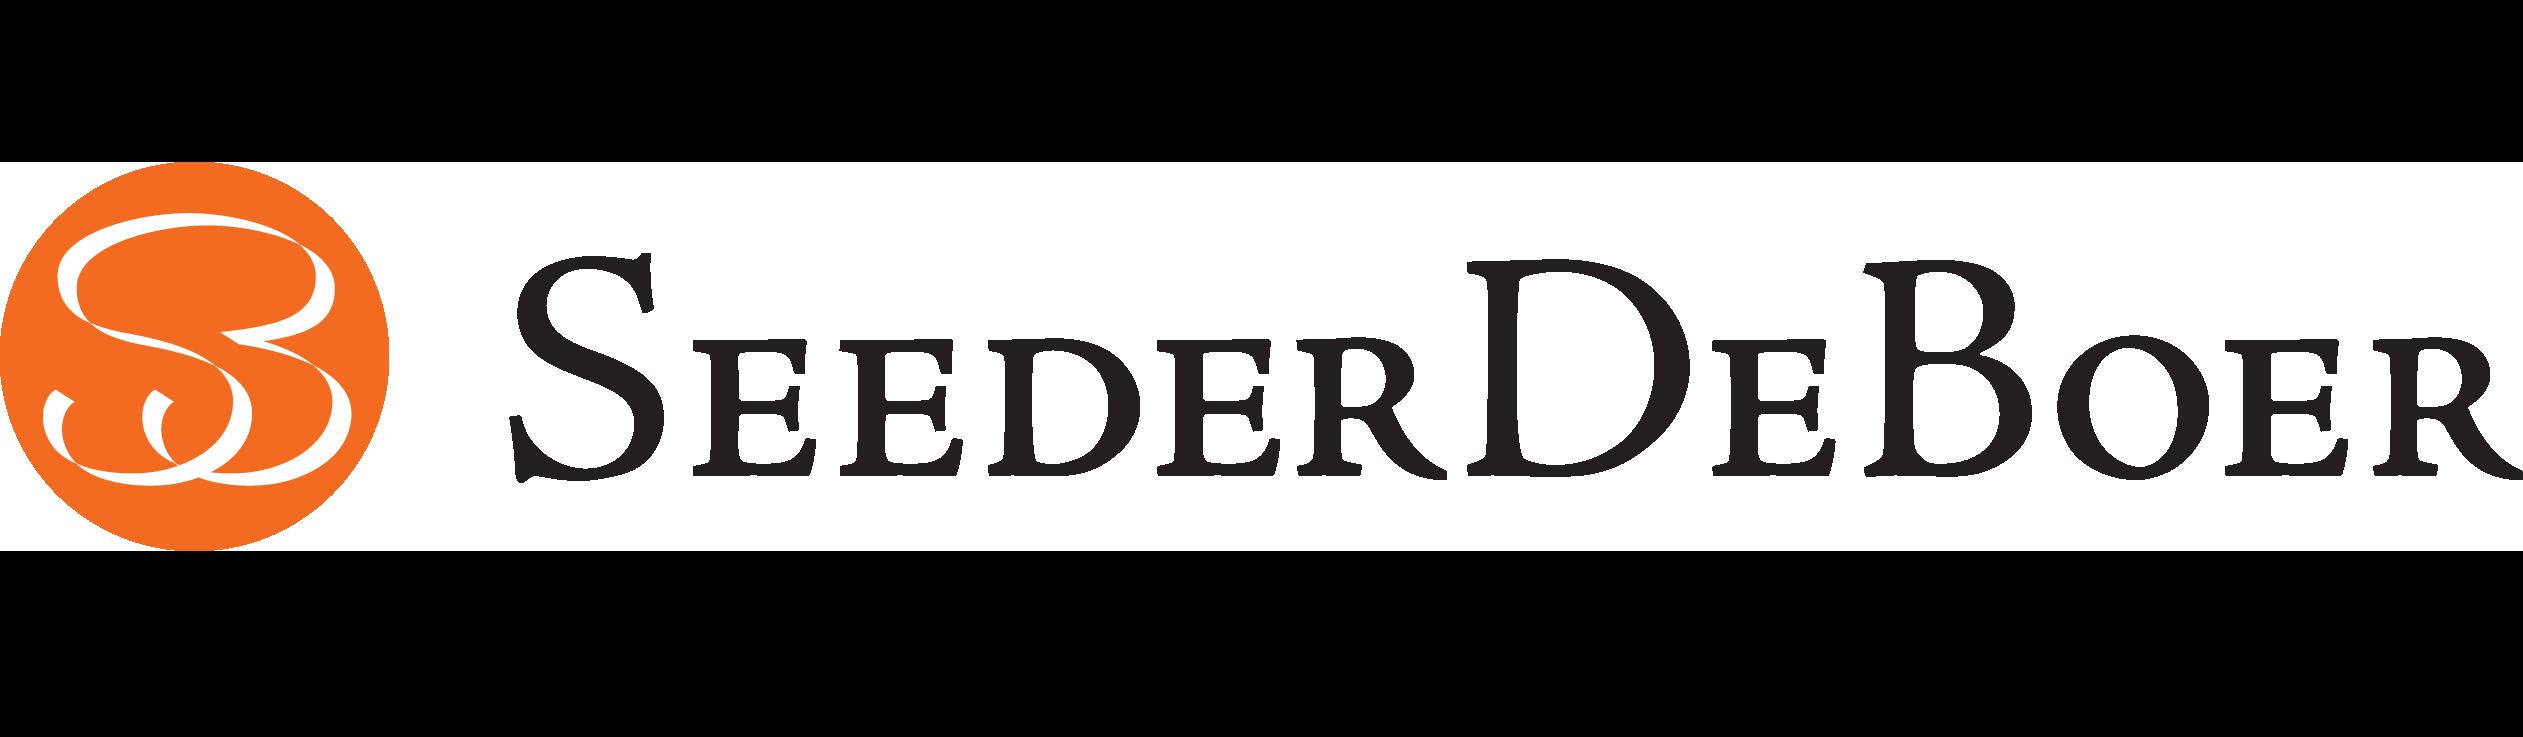 SeederdeBoer logo